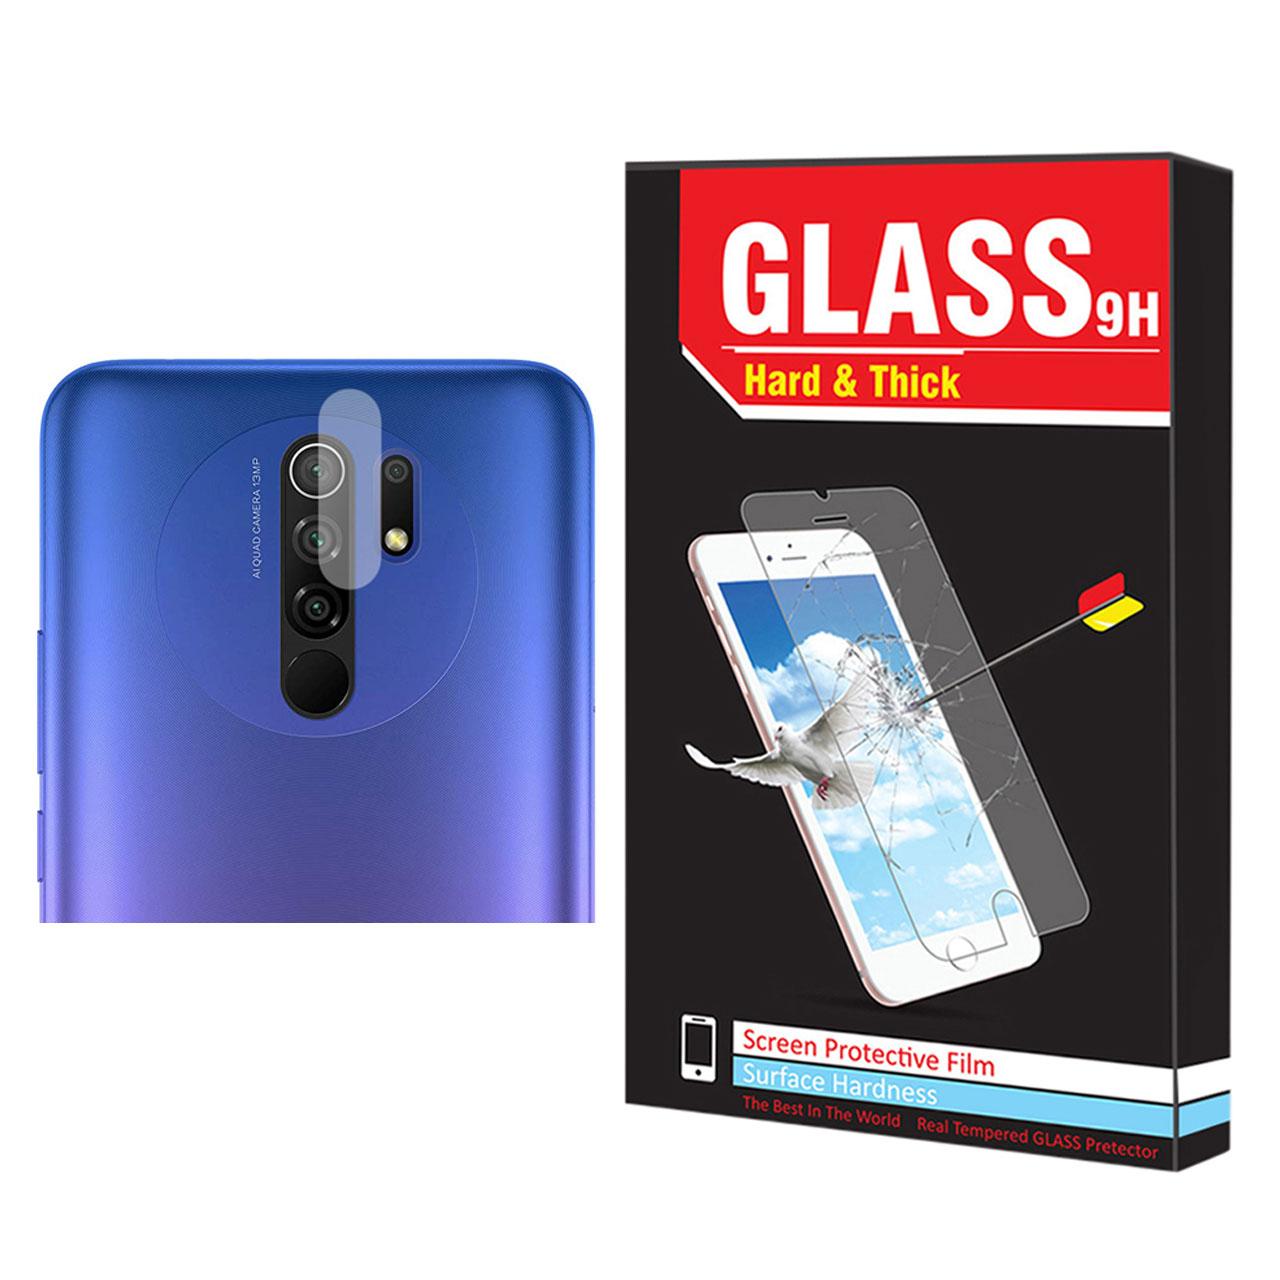 محافظ لنز دوربین Hard and Thick مدل L-01 مناسب برای گوشی موبایل شیائومی Redmi 9